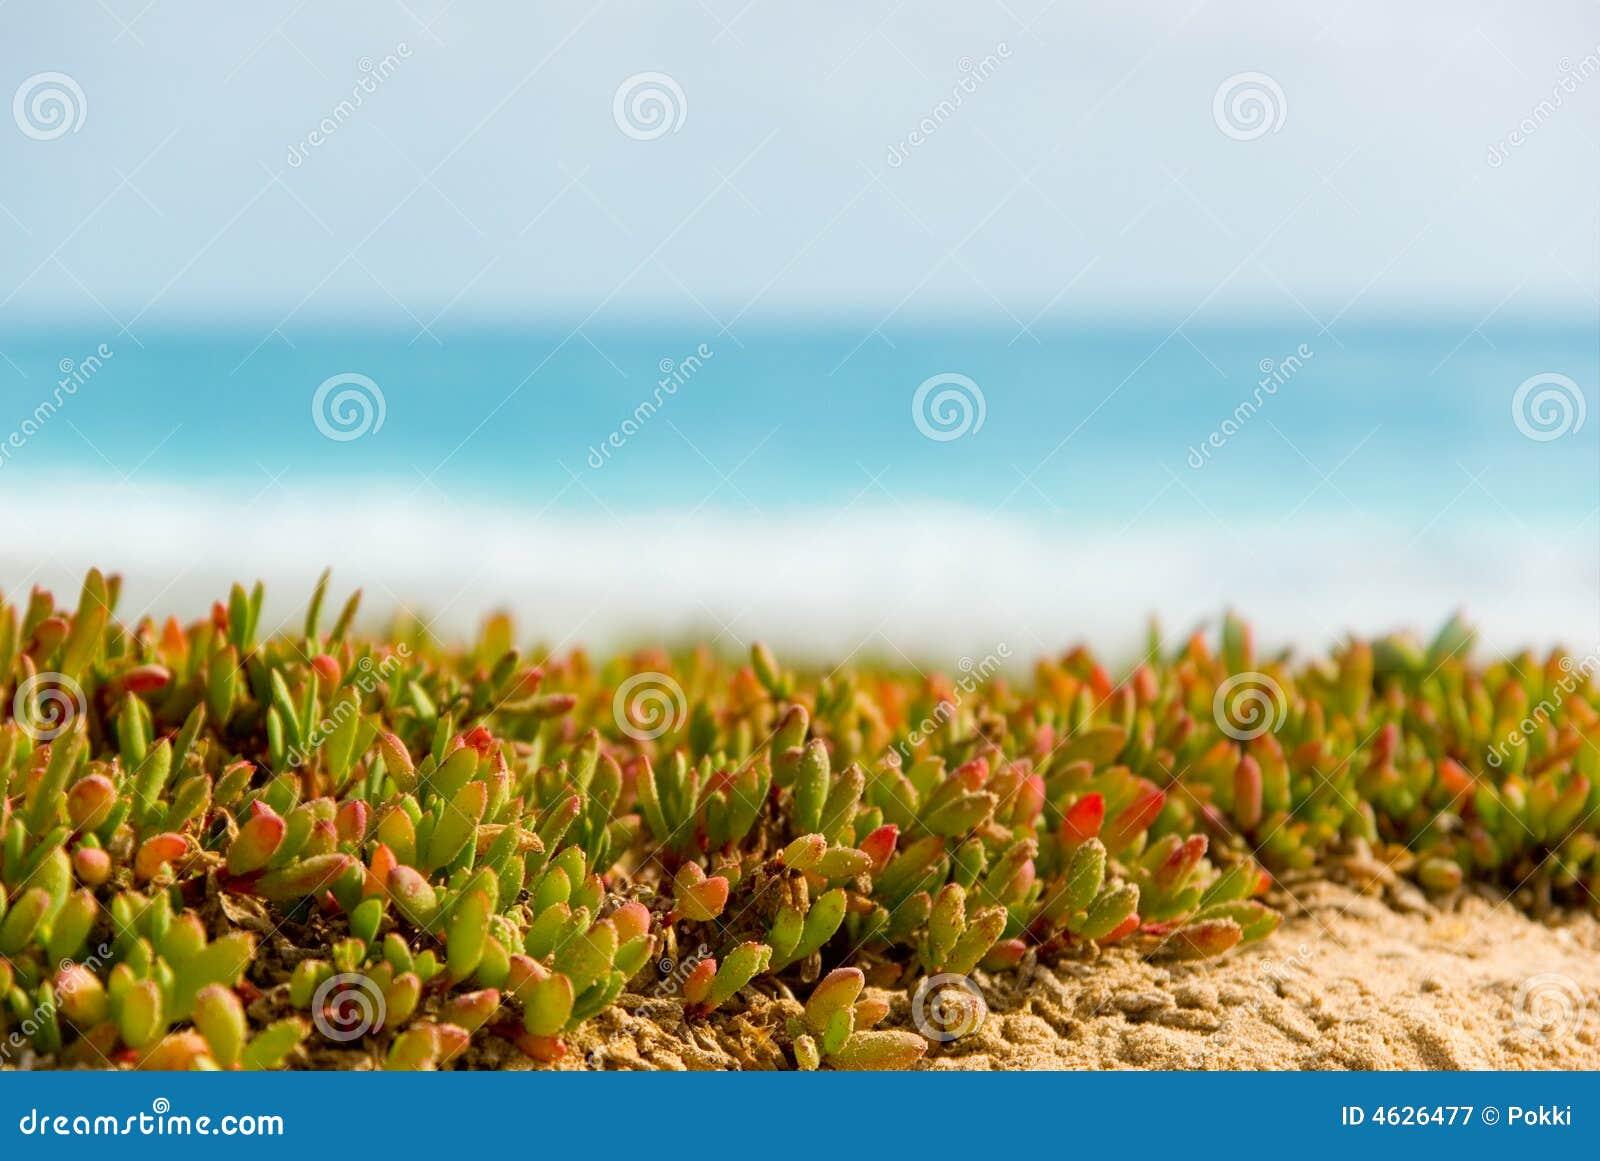 Plantas na praia.